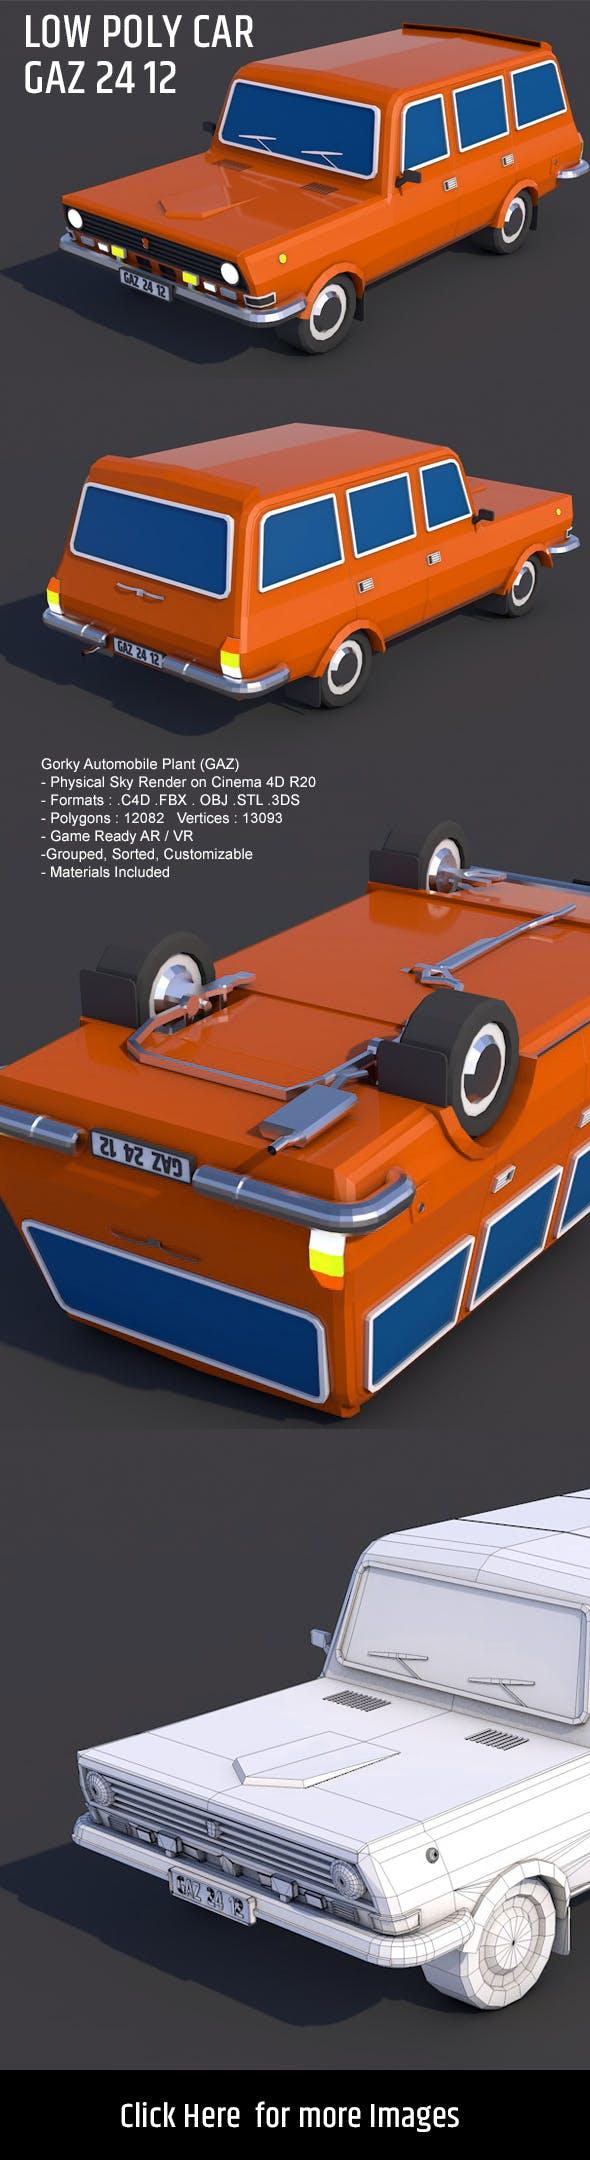 Gaz 24 12 Low Poly 3D Car Model 3D model - 3DOcean Item for Sale